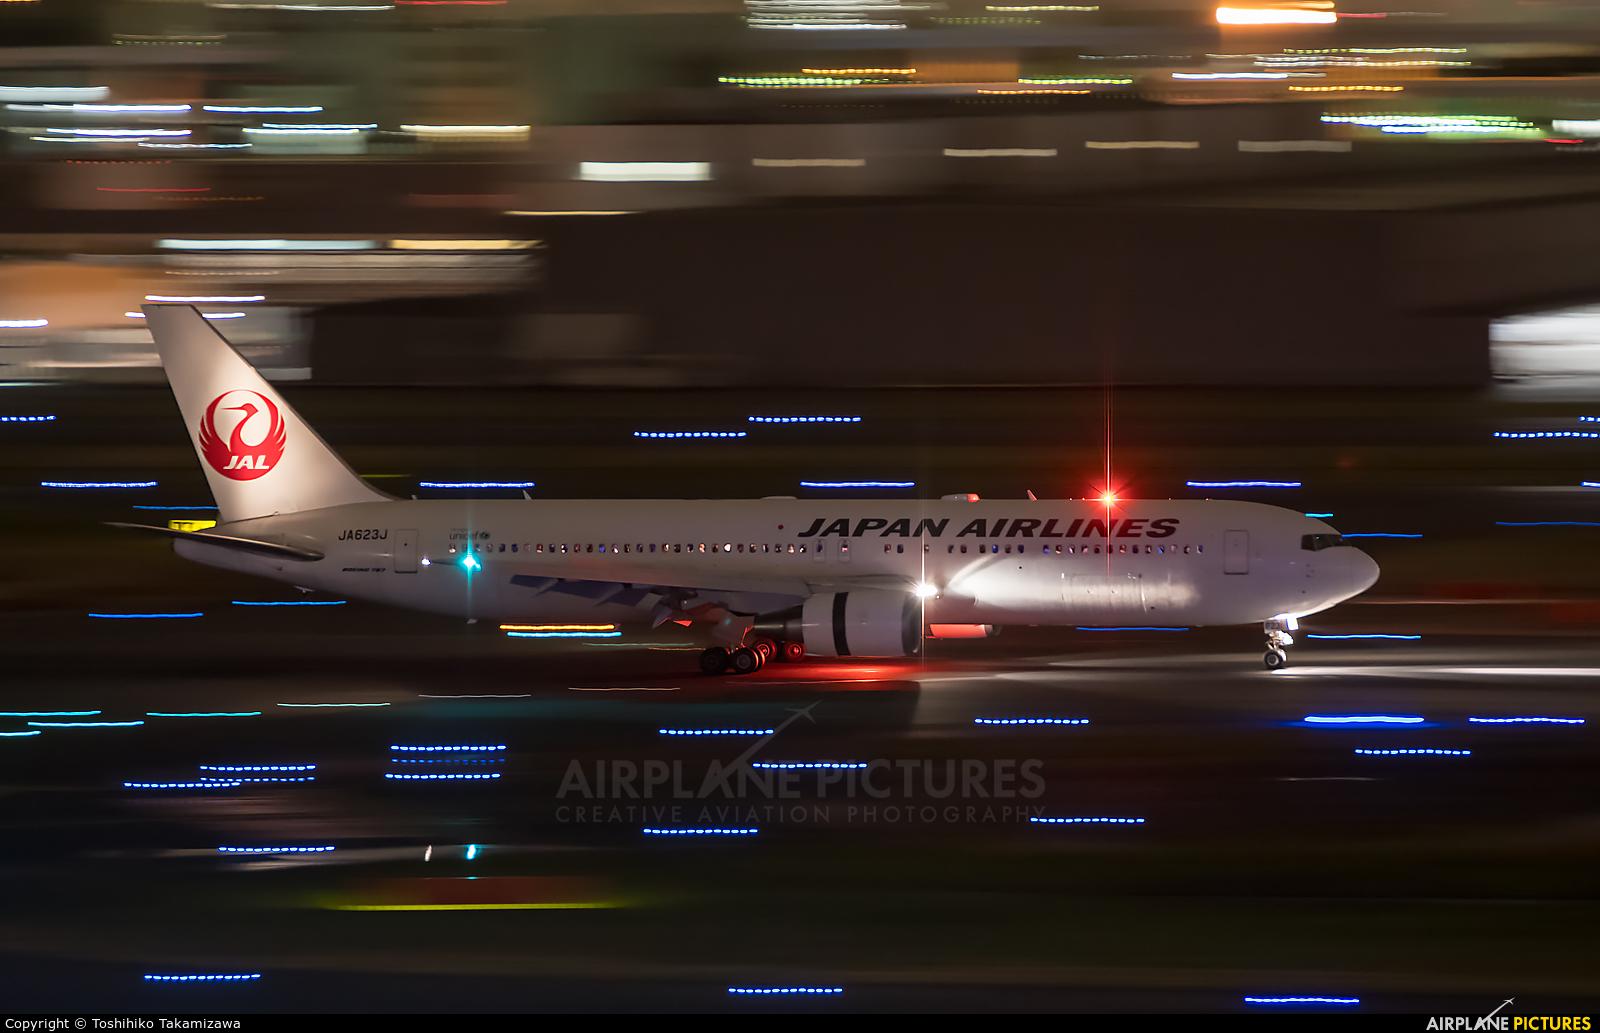 JAL - Japan Airlines JA623J aircraft at Tokyo - Haneda Intl